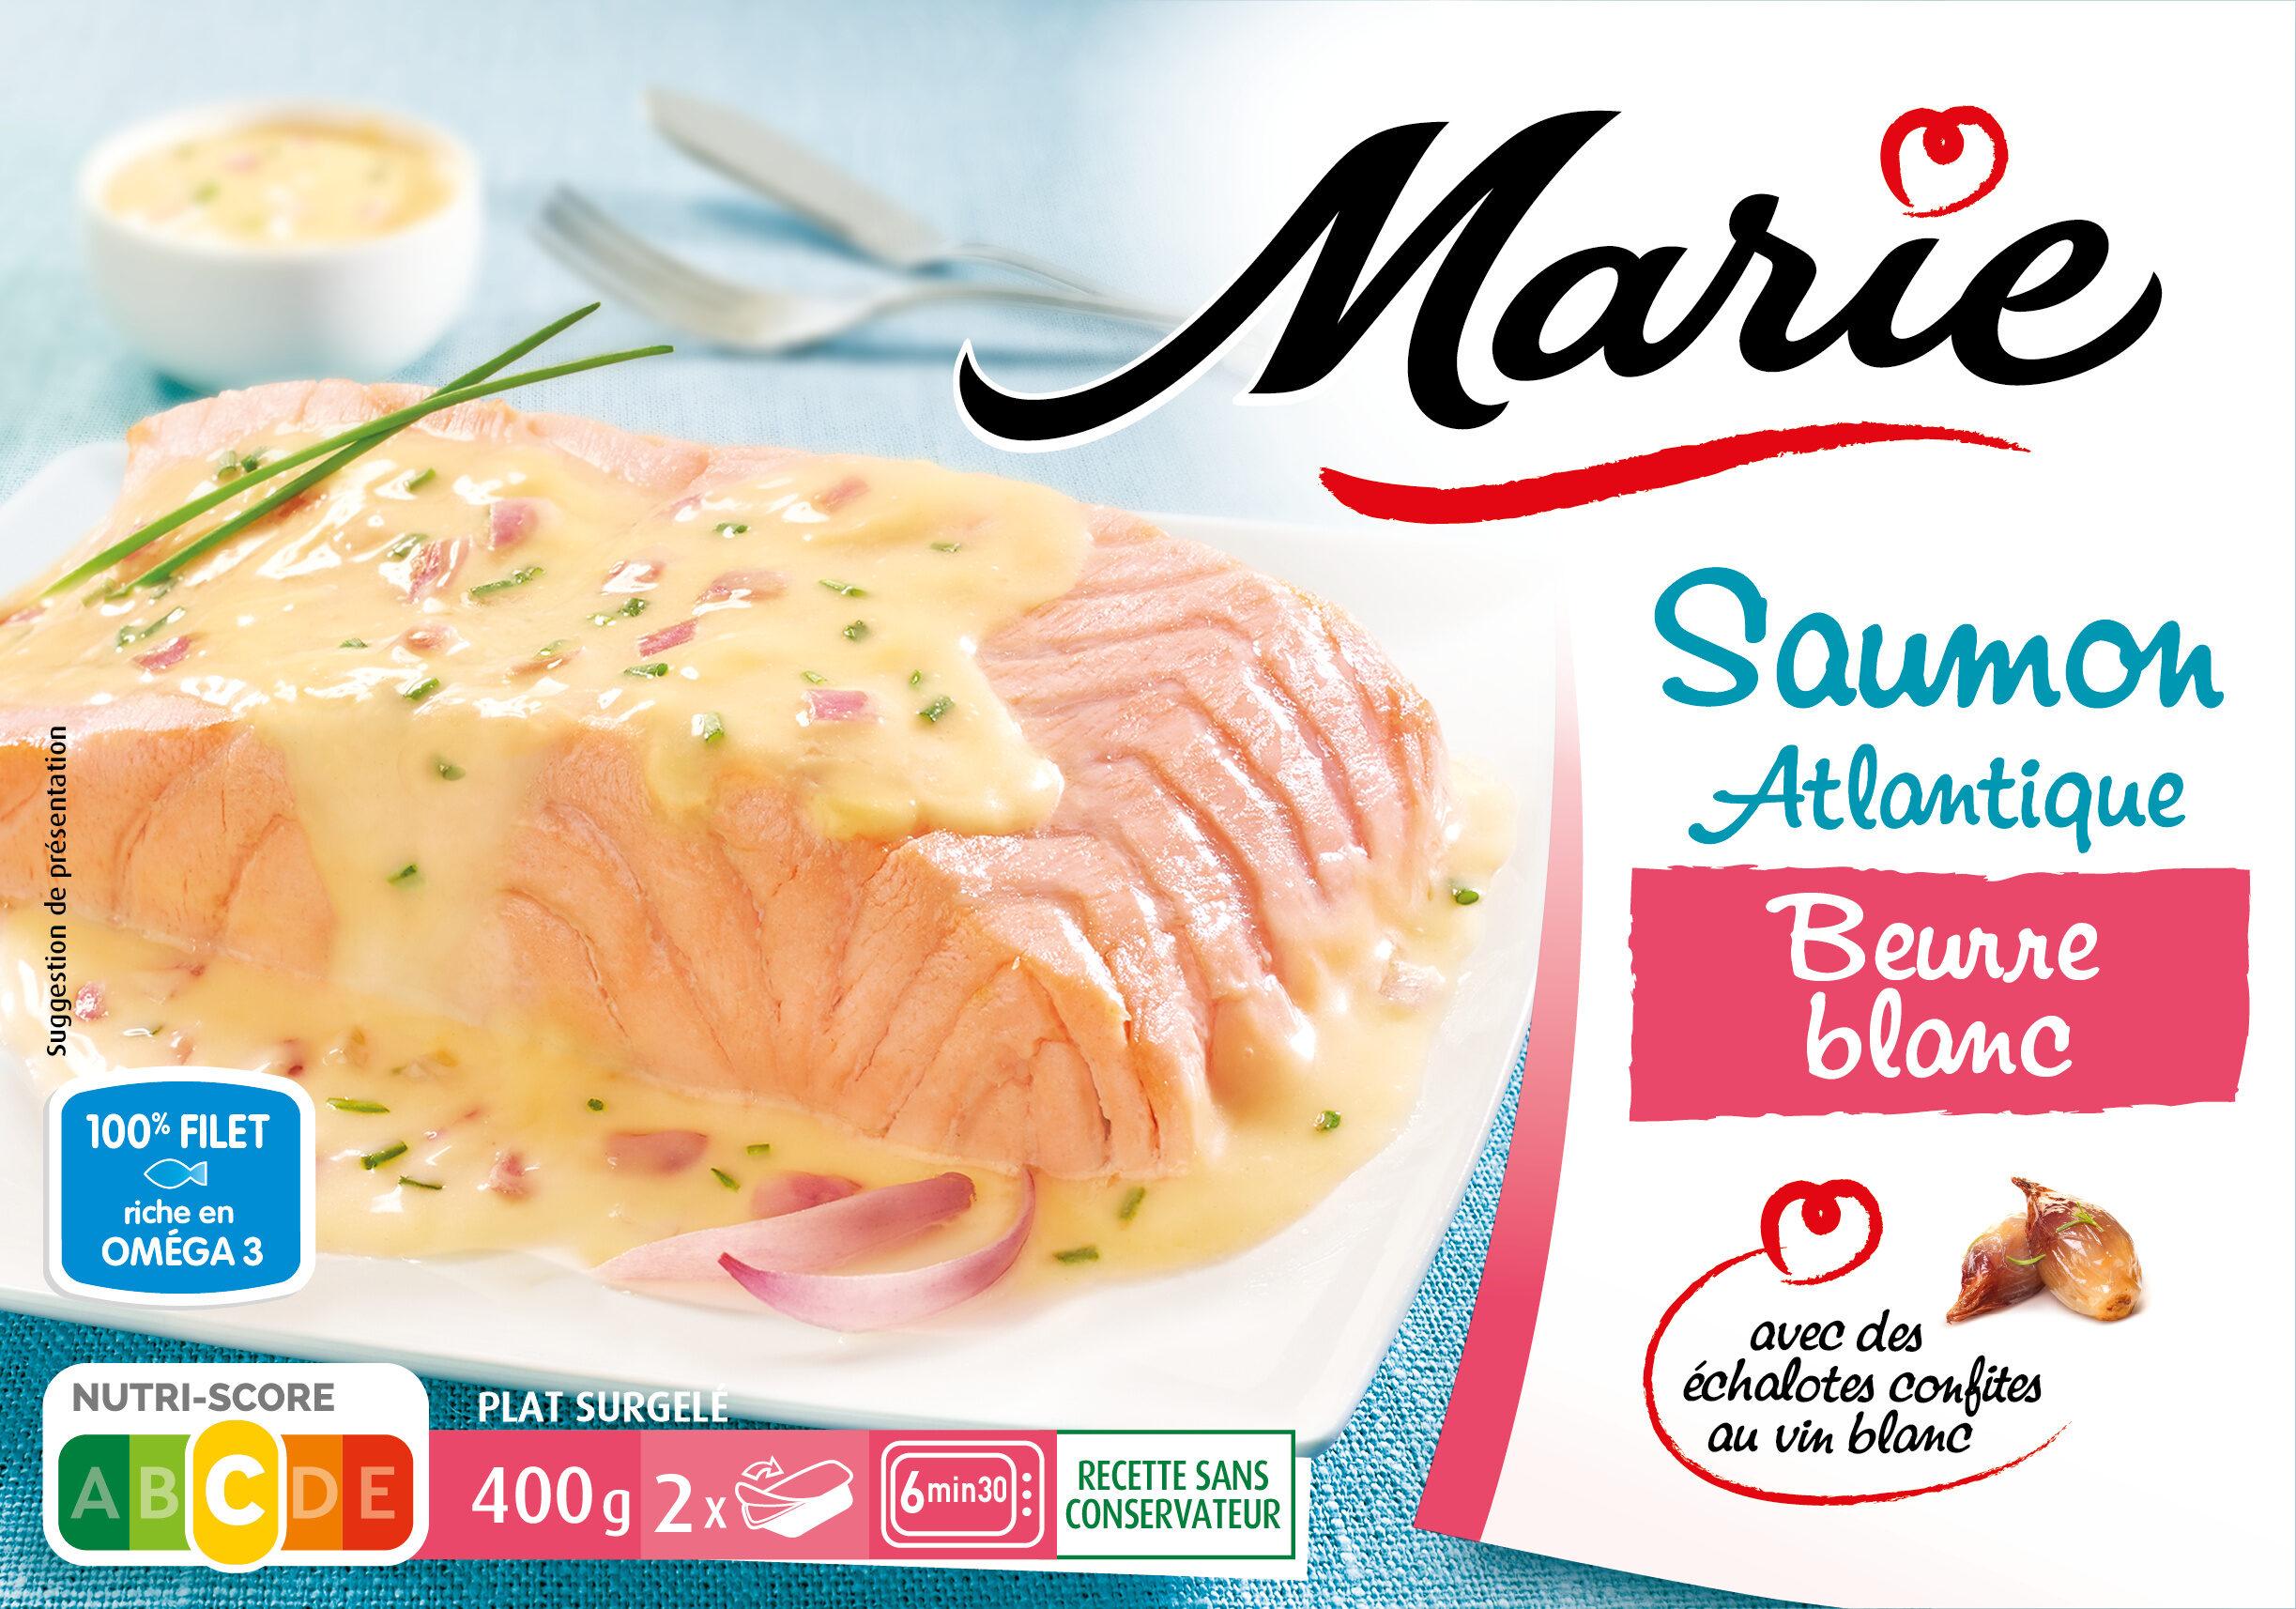 Saumon Atlantique Beurre blanc - Echalotes confites au vin blanc SALMO SALAR - Produit - fr